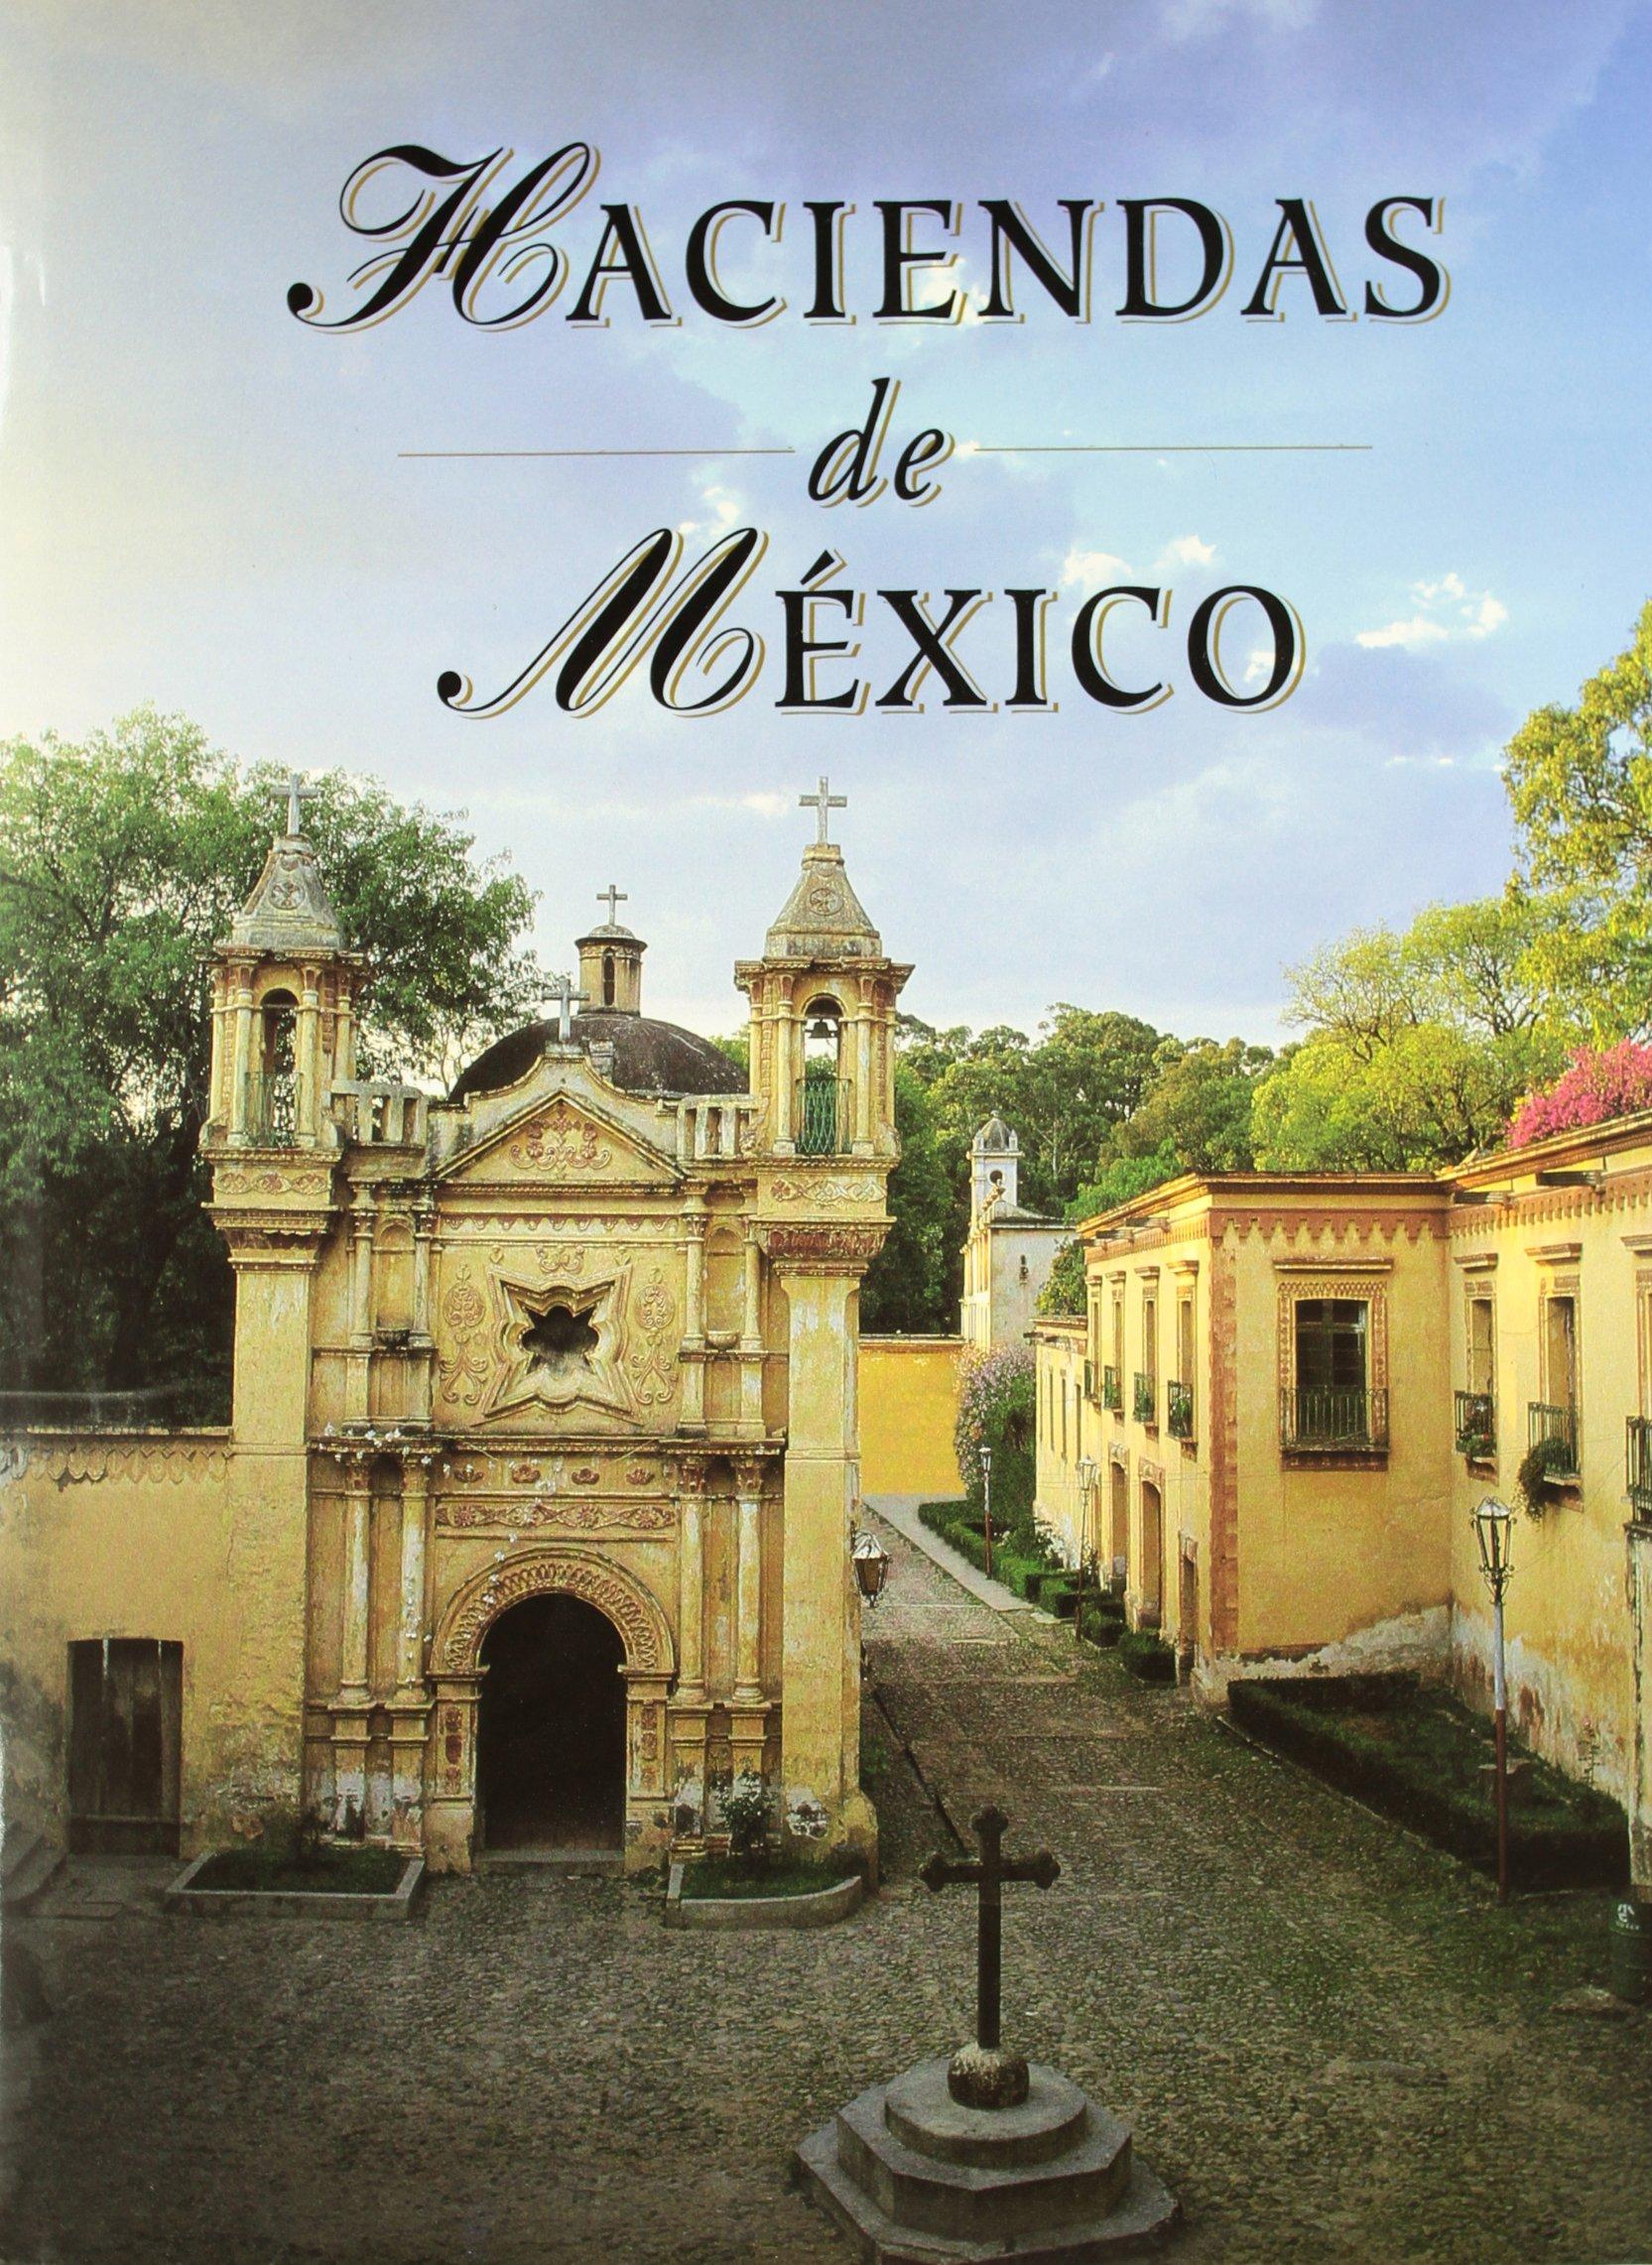 Download Haciendas de Mexico (Spanish Edition) pdf